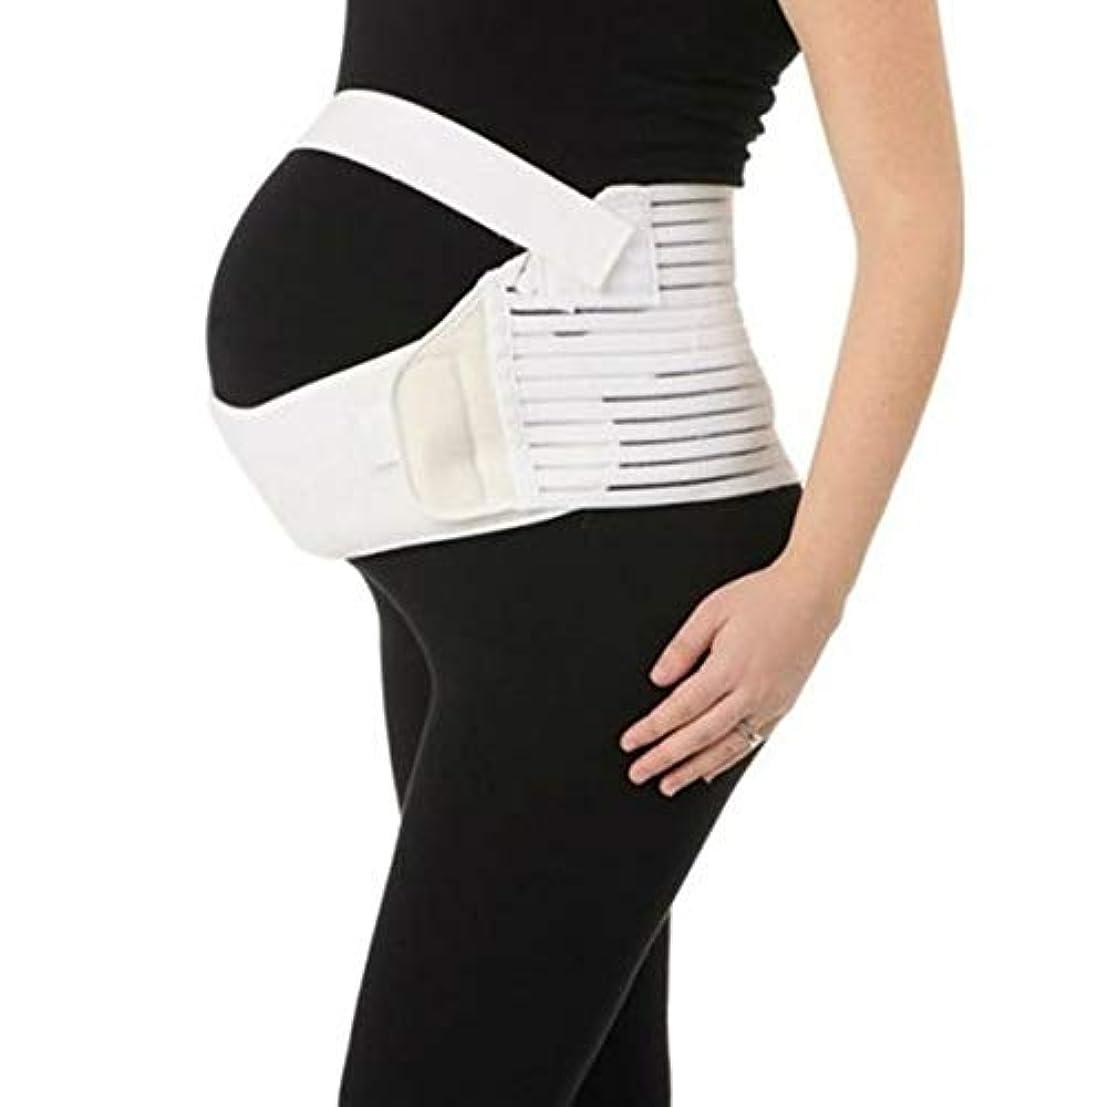 交じる応じる和らげる通気性マタニティベルト妊娠腹部サポート腹部バインダーガードル運動包帯産後の回復shapewear - ホワイトL